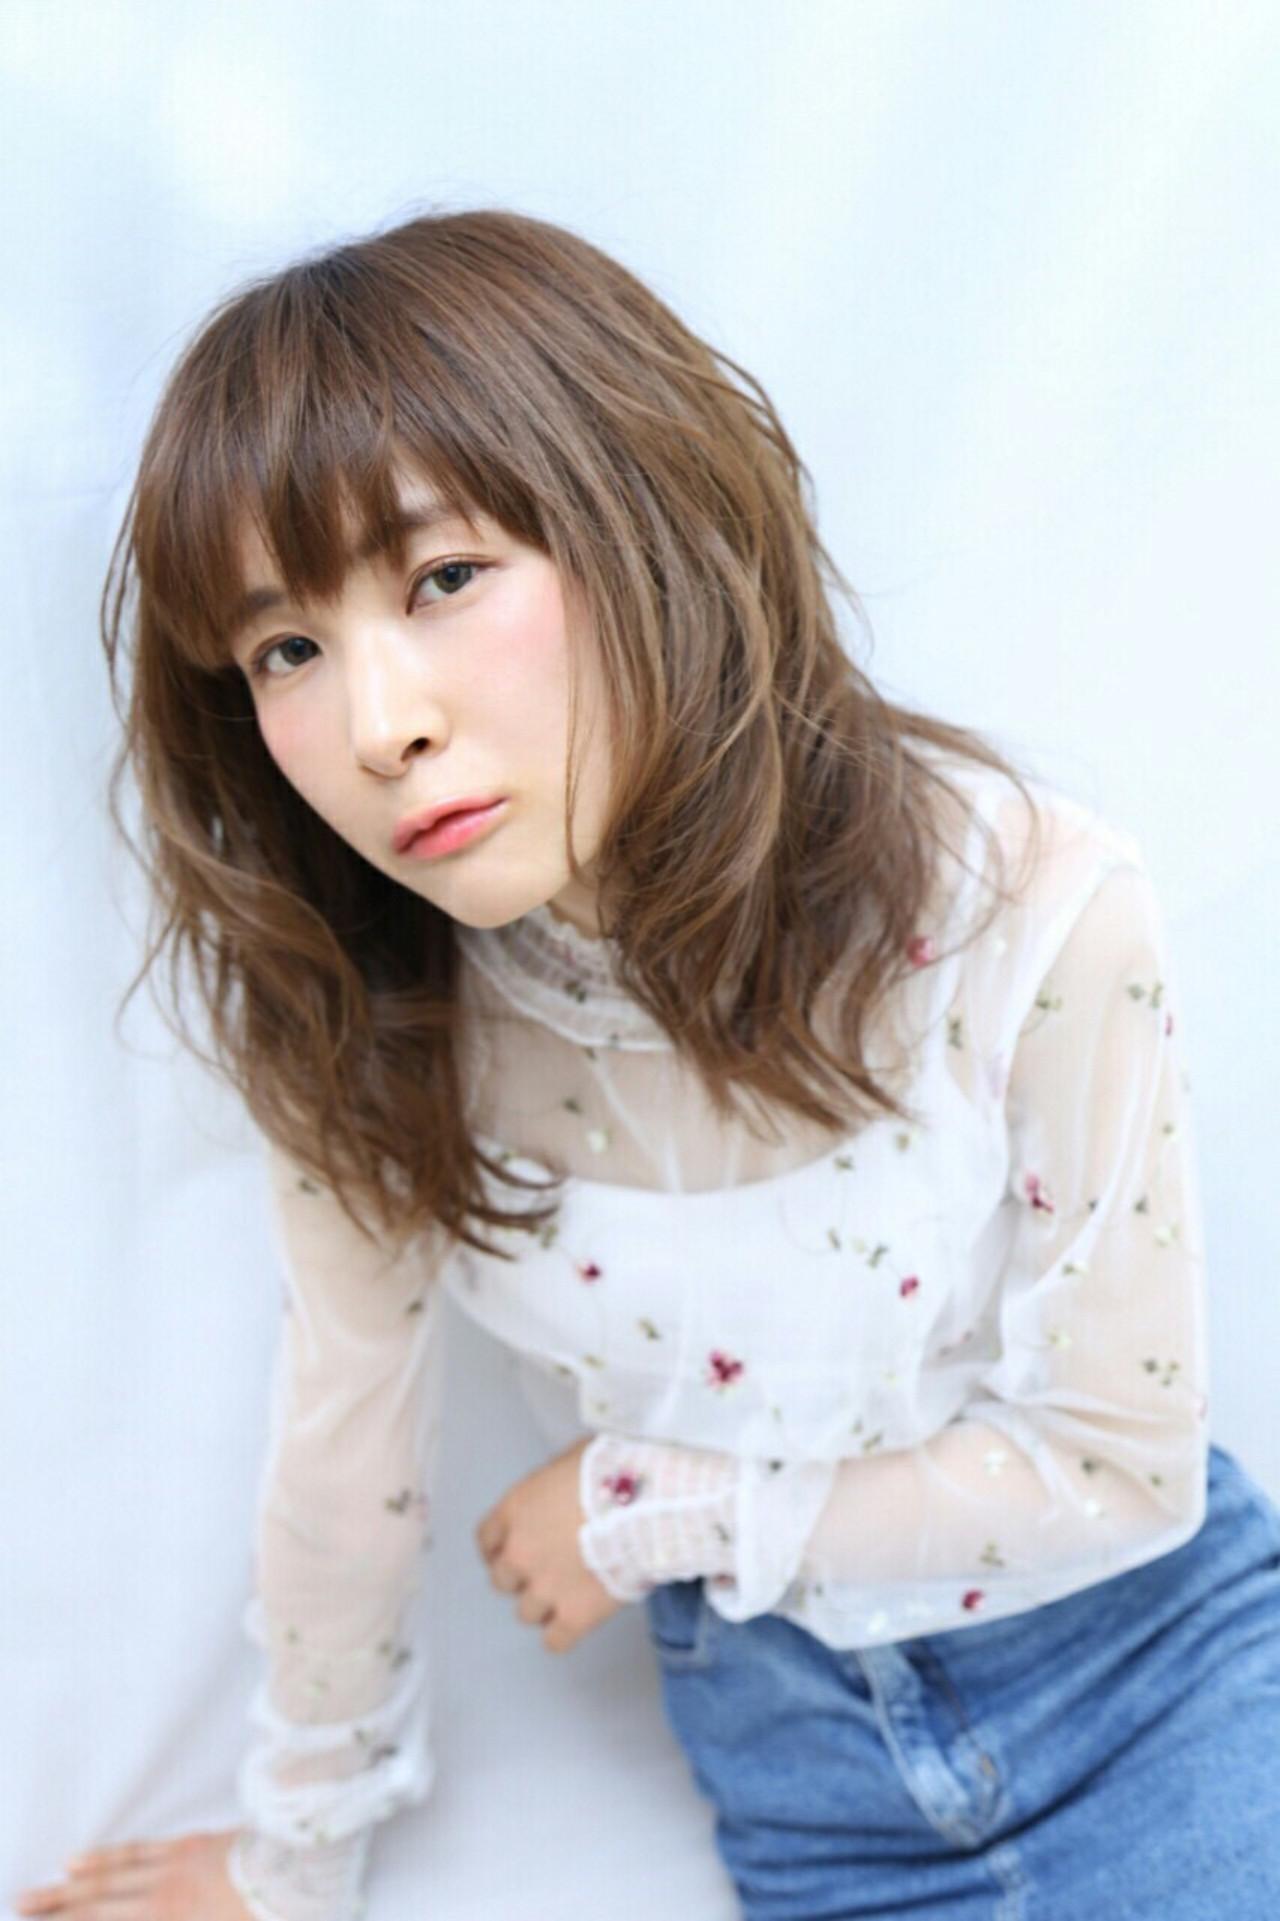 女子って髪型が変わると気分も変わるの♡幸せ気分になれる可愛い髪型 riko